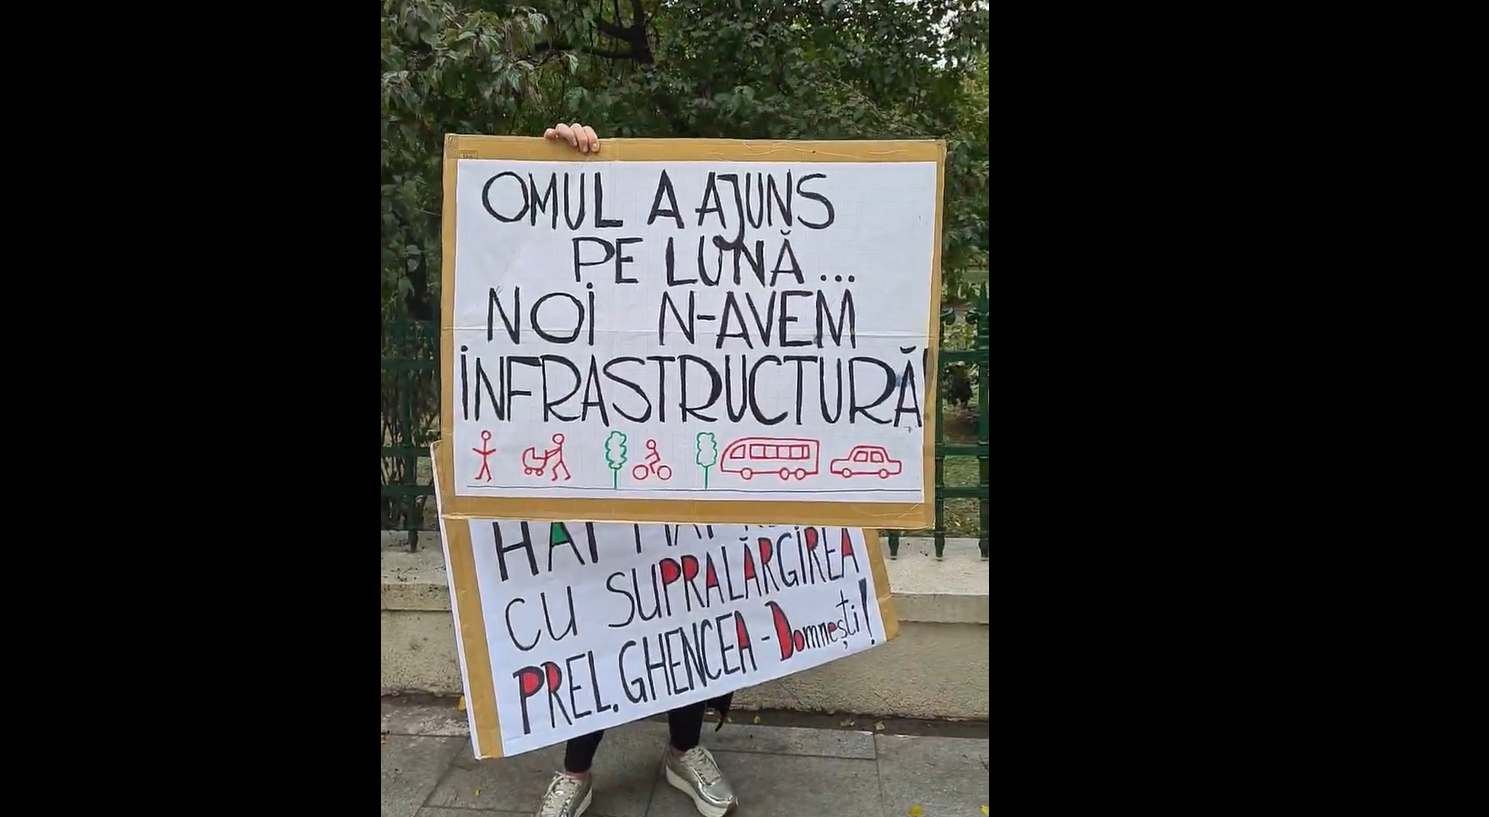 """Nicușor Dan promite că """"lucrările vor începe în forţă"""" la șantierul din Prelungirea Ghencea. Locuitorii din zonă nu îl cred și protestează în fața Primăriei   VIDEO"""